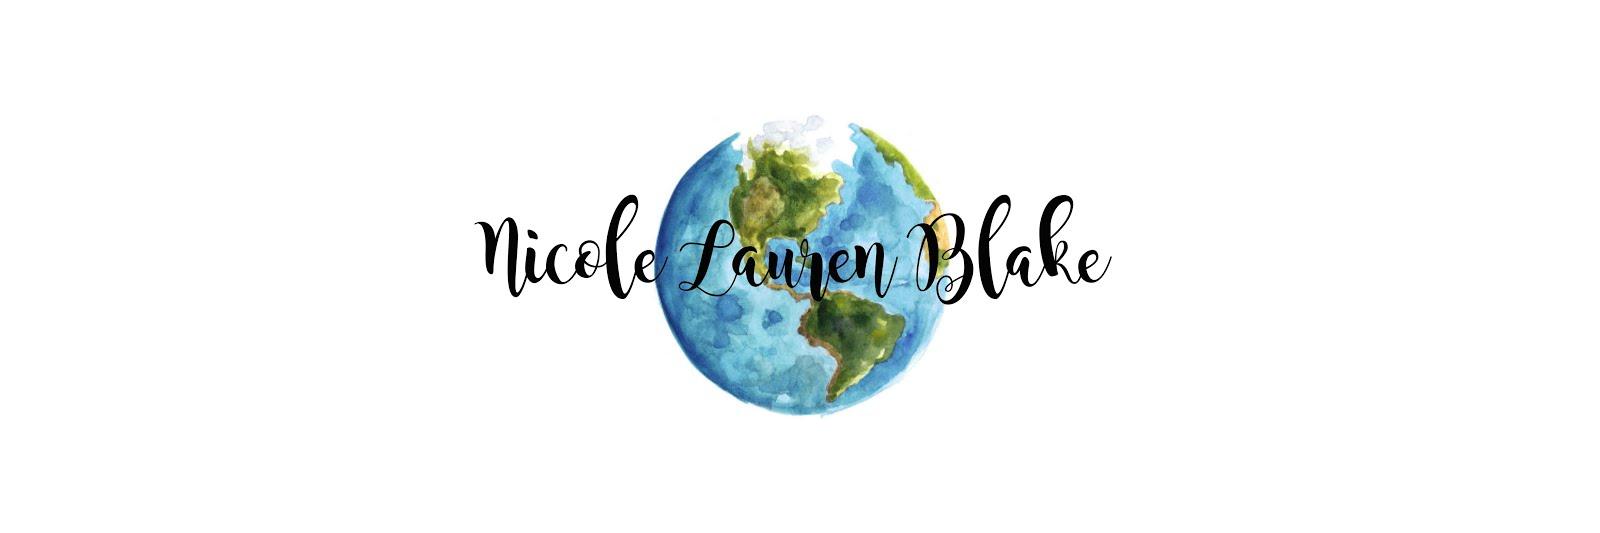 Nicole Lauren Blake